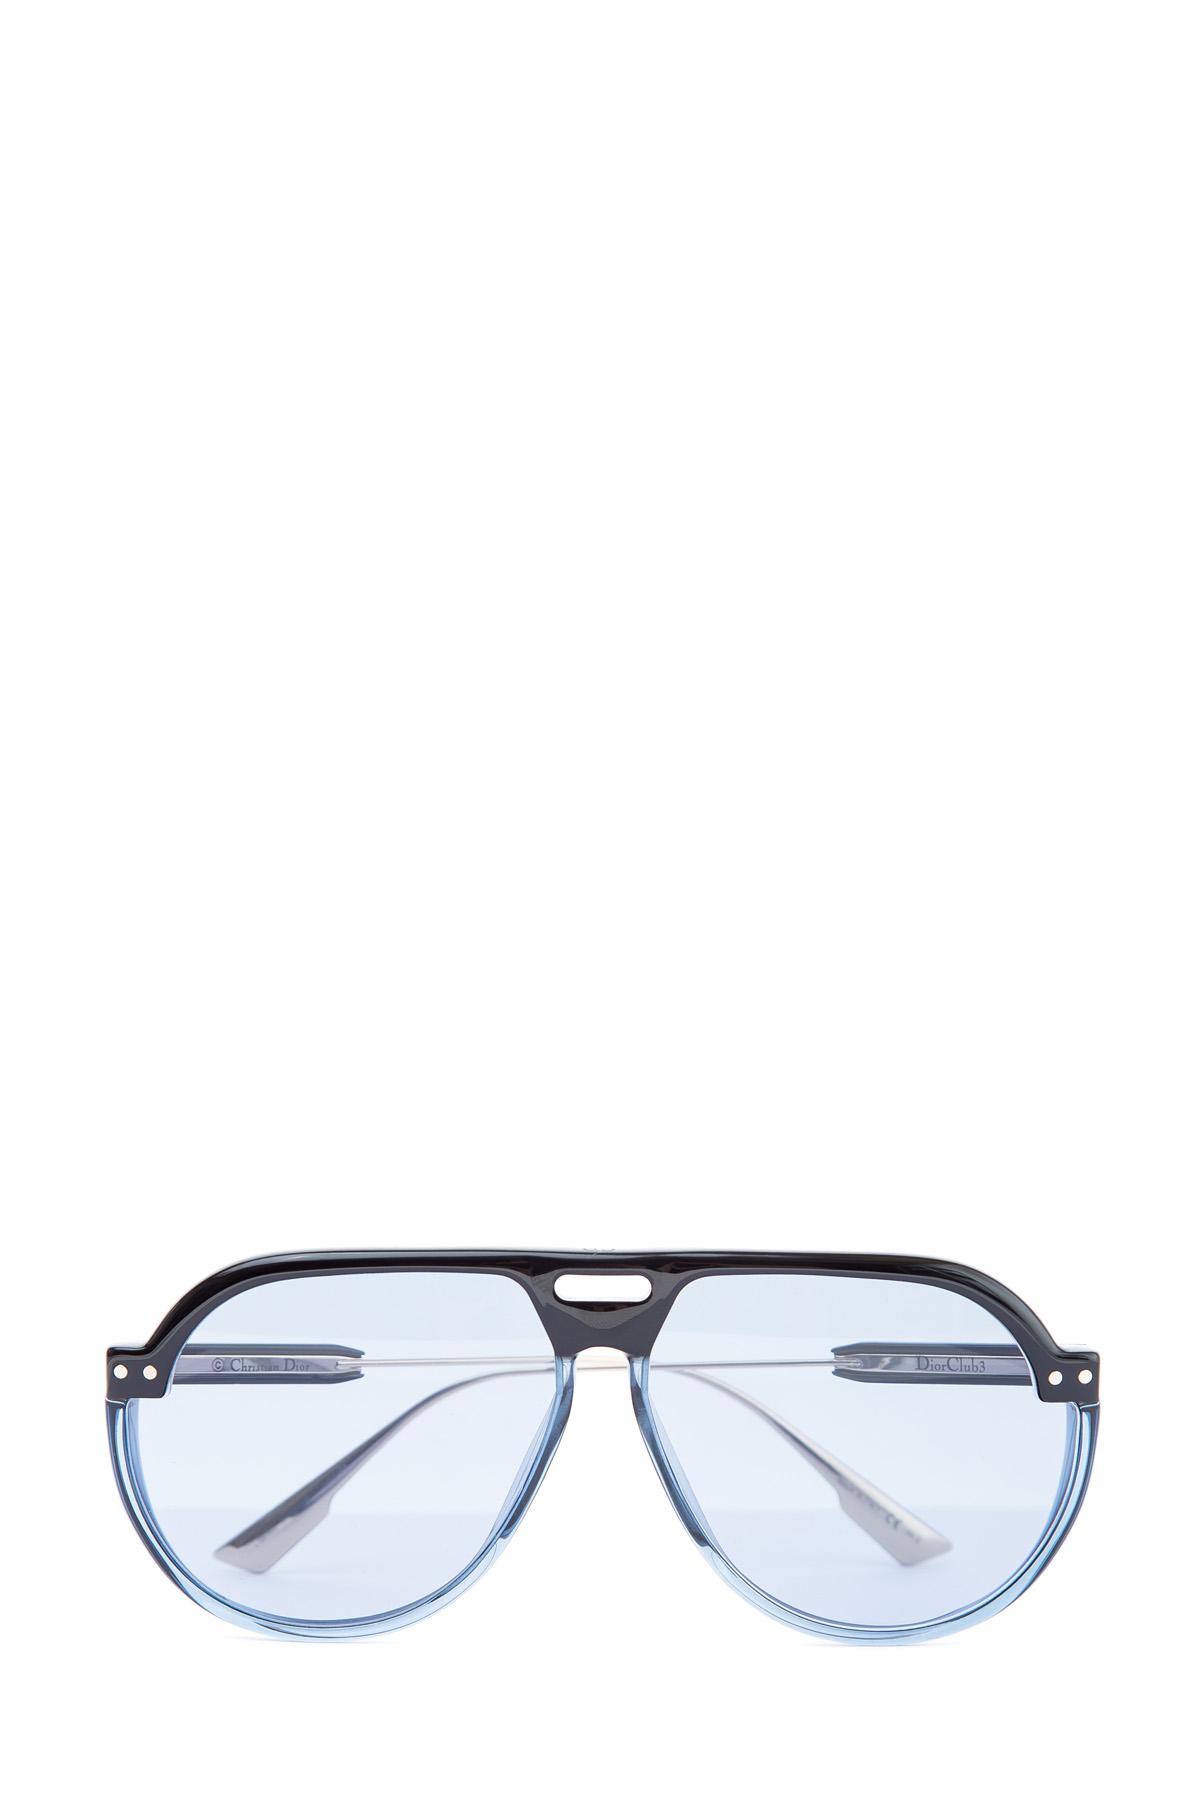 Купить Очки, DIOR (sunglasses) women, Италия, пластик 100%, стекло 100%